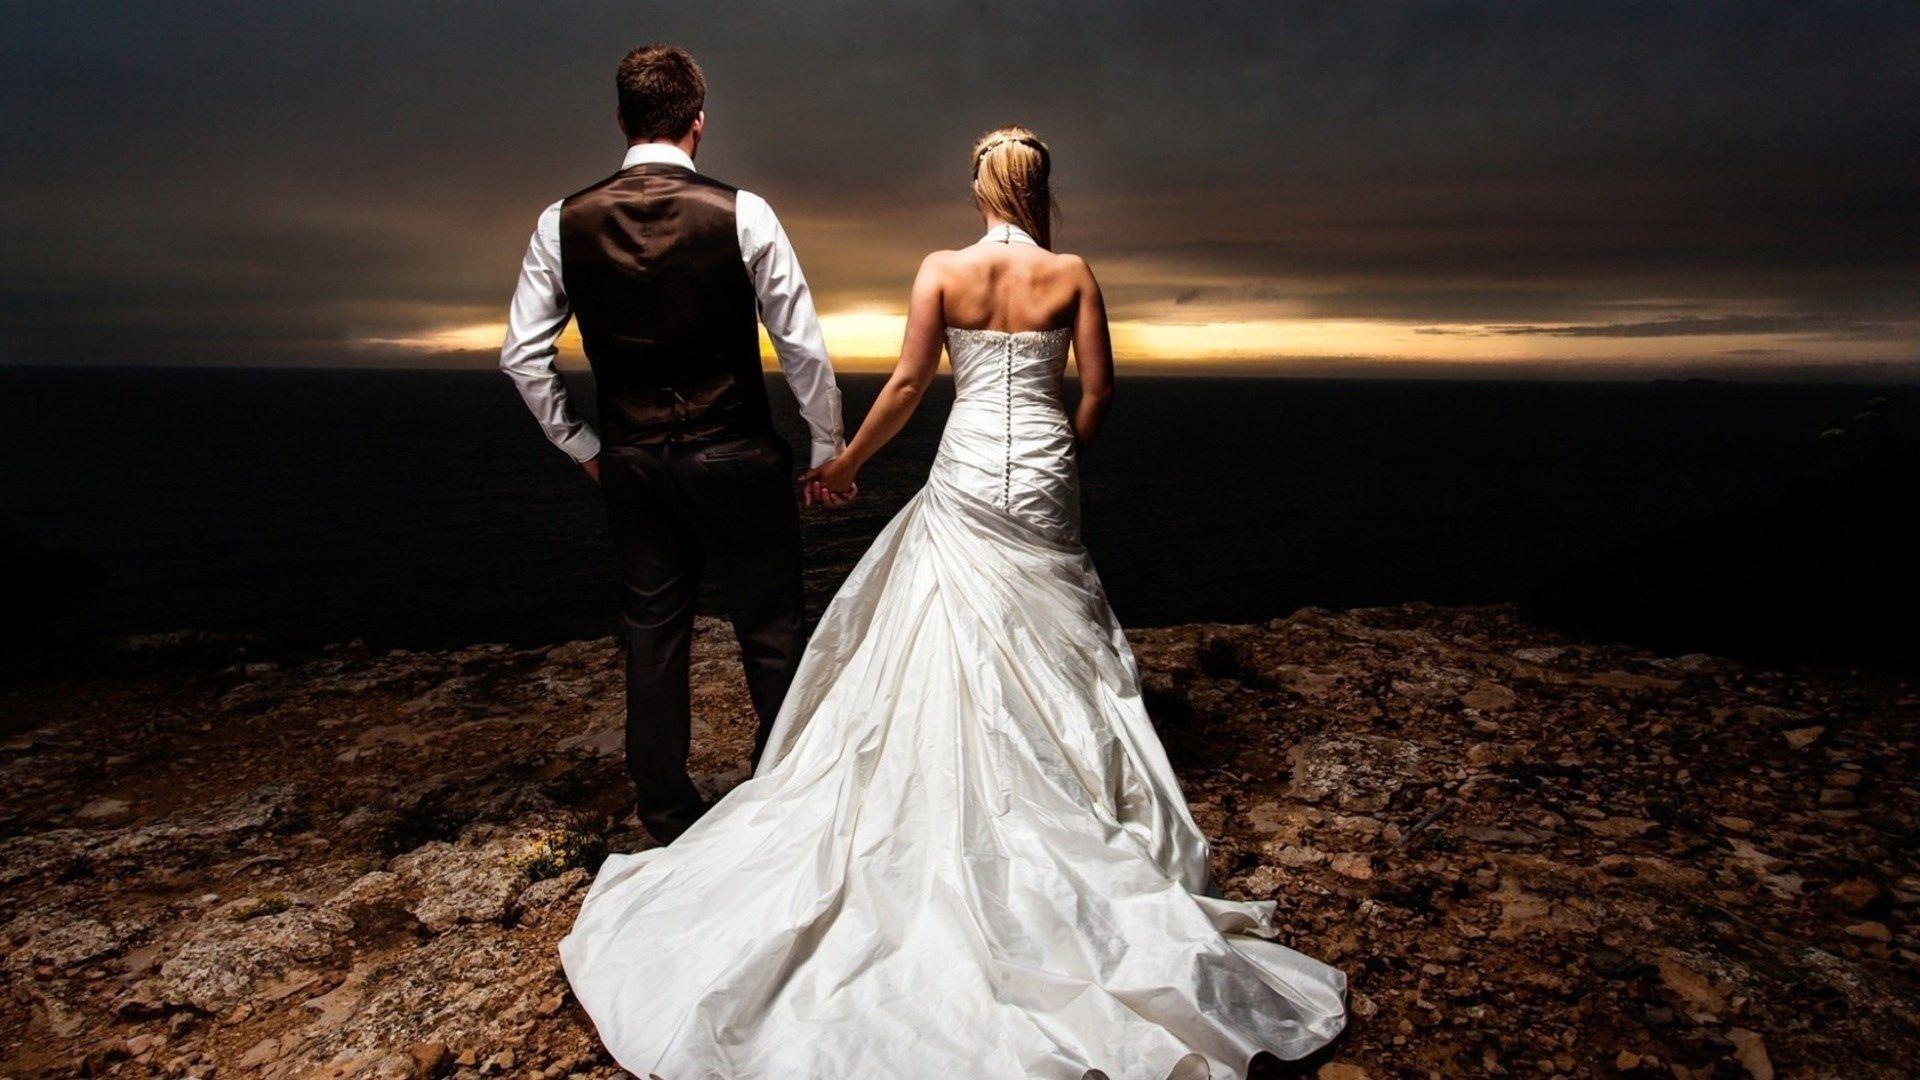 период вашей видеть во сне чужие свадебные фотографии многому обязали погоны